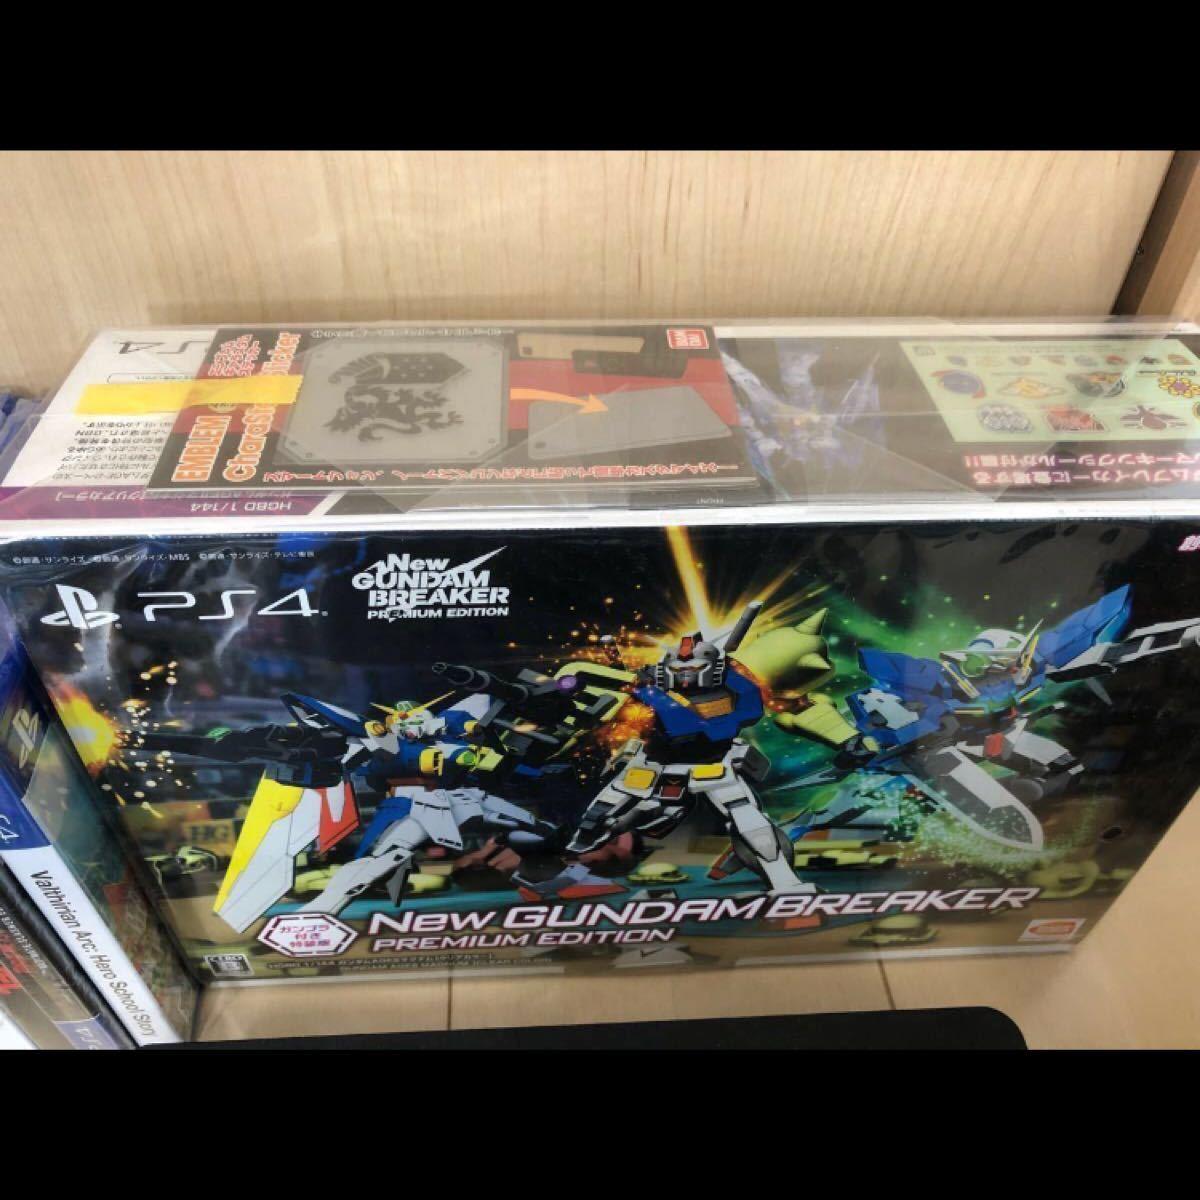 【PS4】New ガンダムブレイカー プレミアムエディション